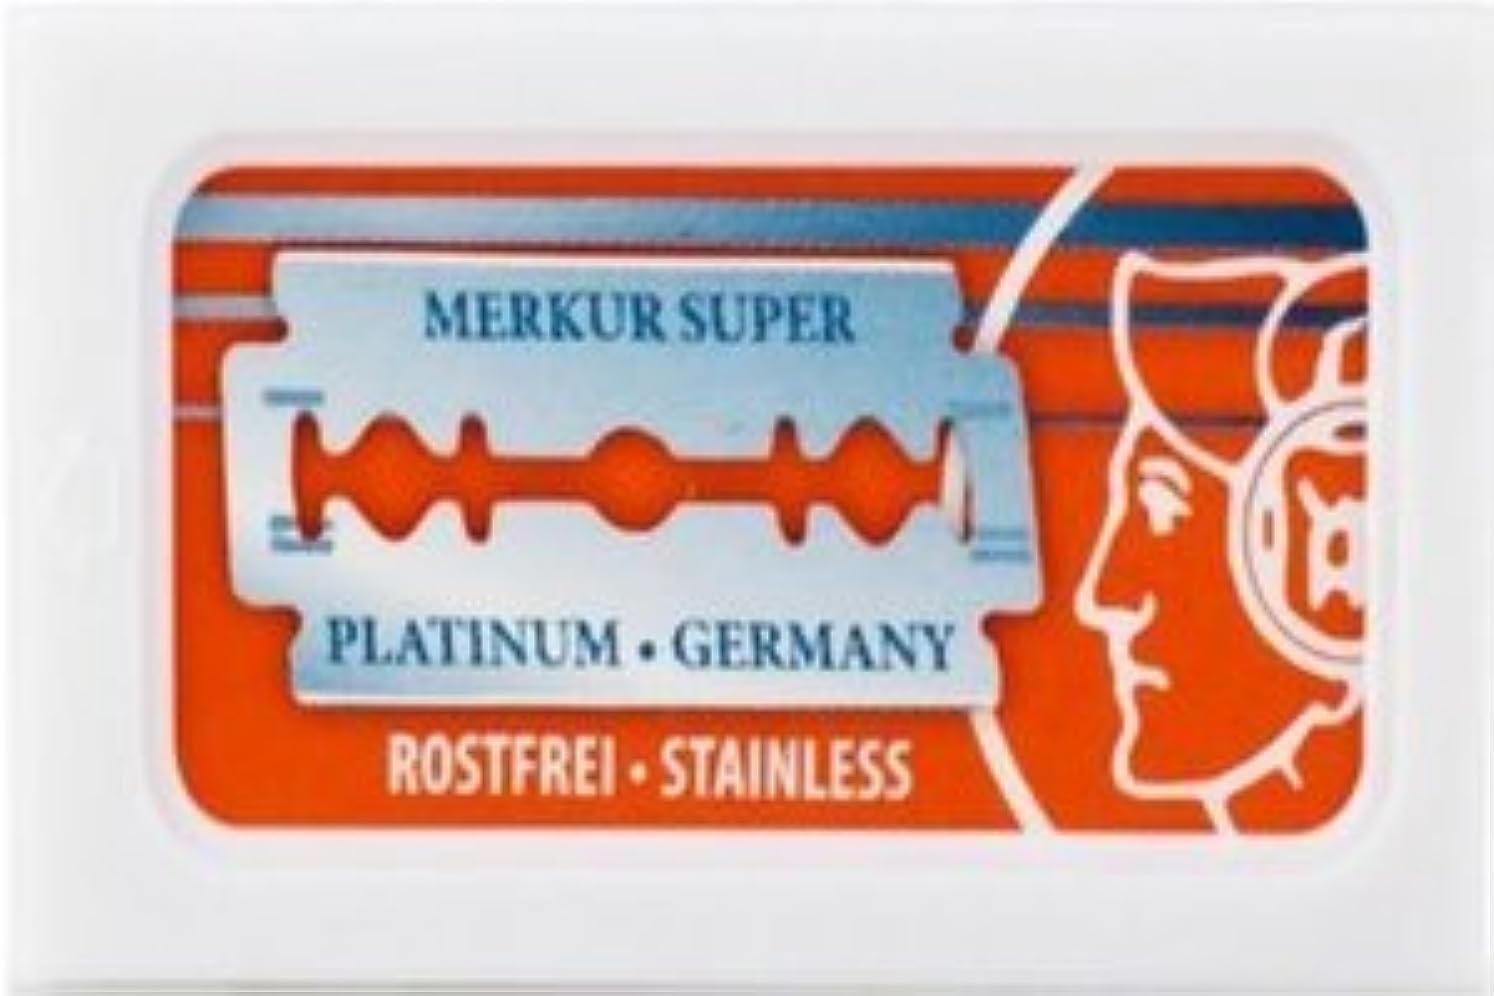 つかまえる恐ろしいニュースMerkur Super Platinum 両刃替刃 10枚入り(10枚入り1 個セット)【並行輸入品】